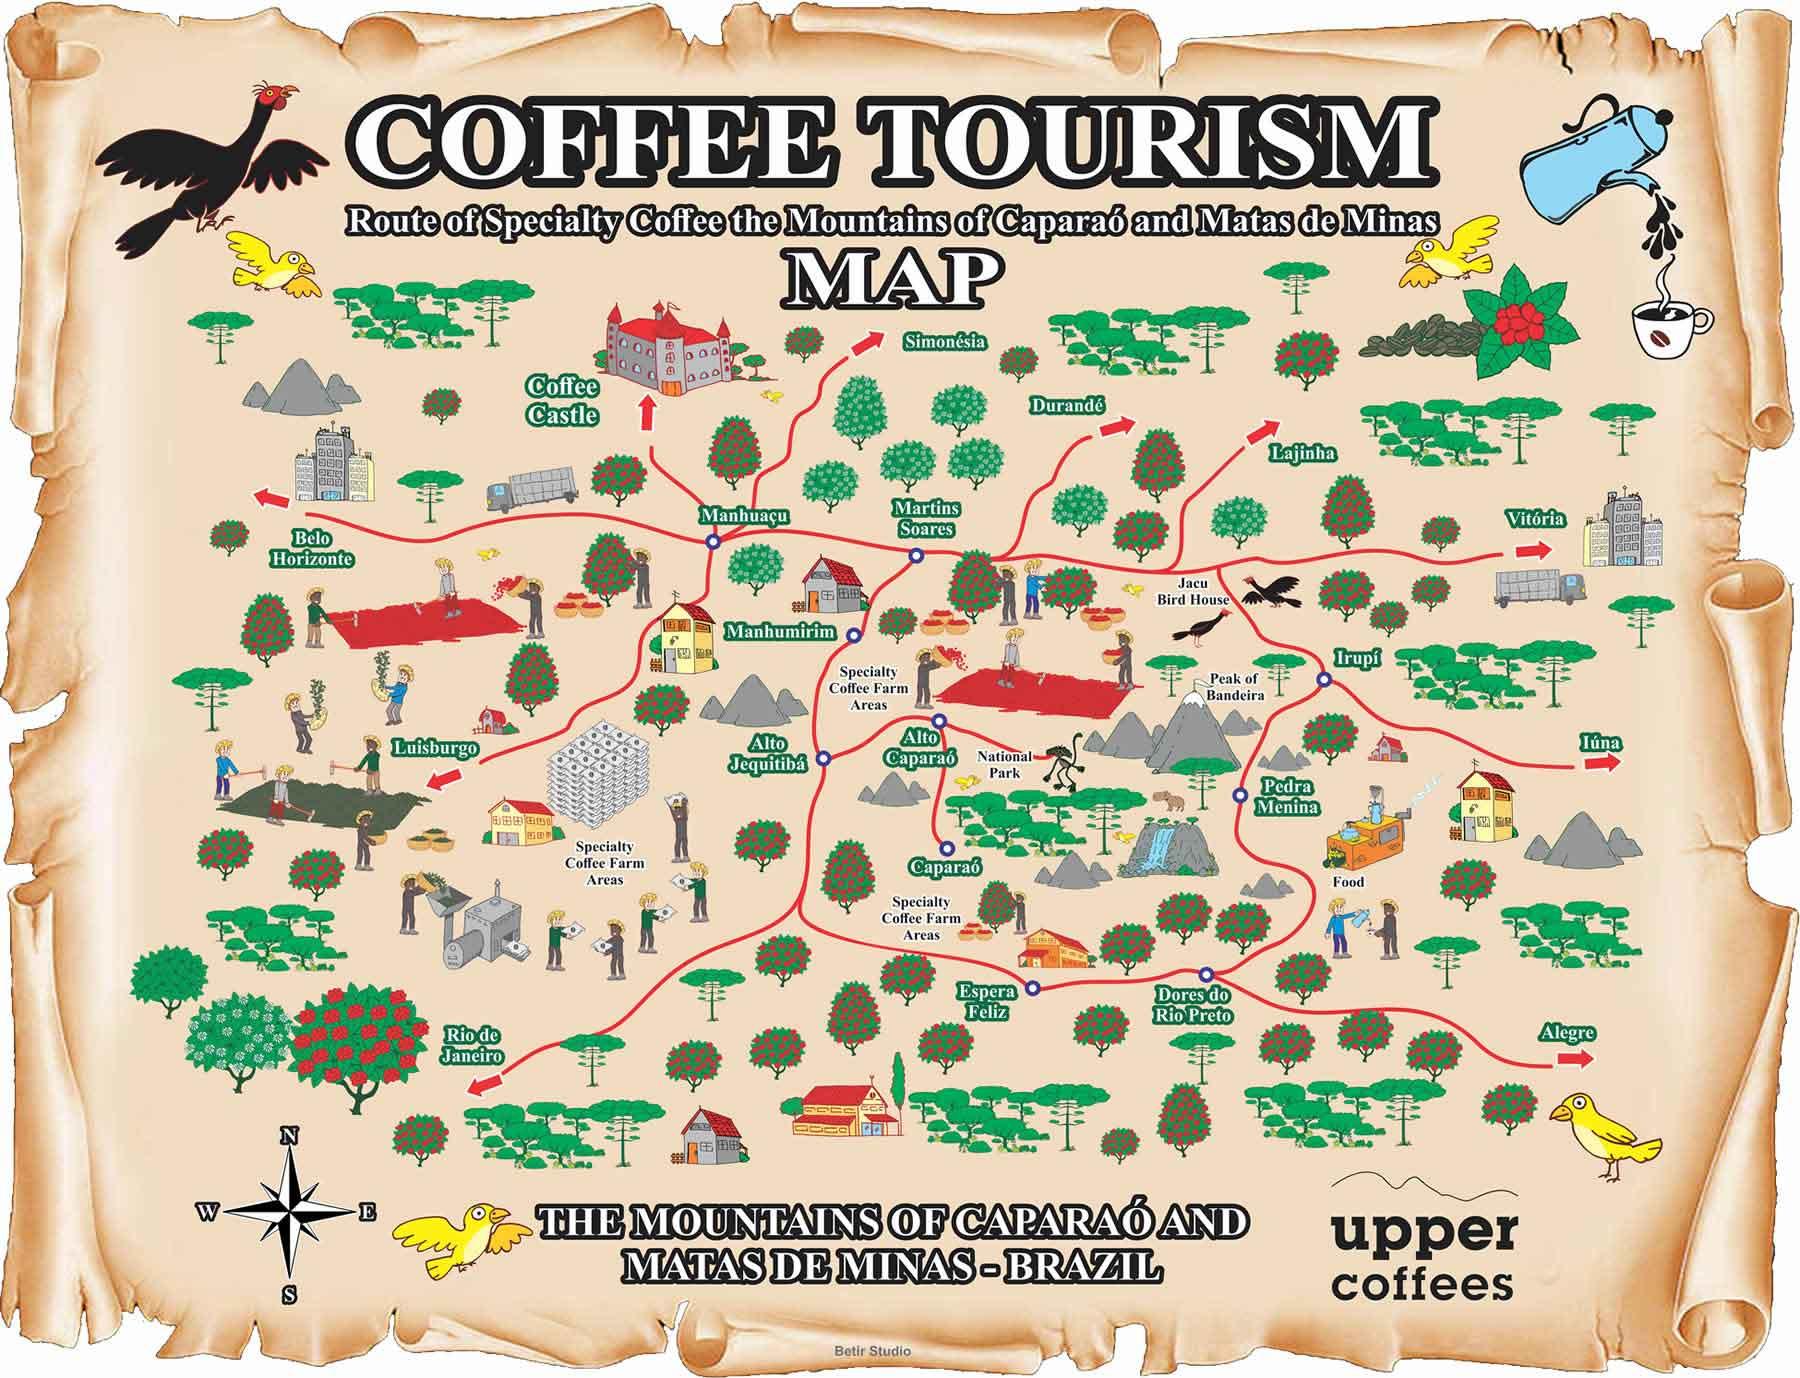 نقشه گردشگری قهوه در کوهستانها